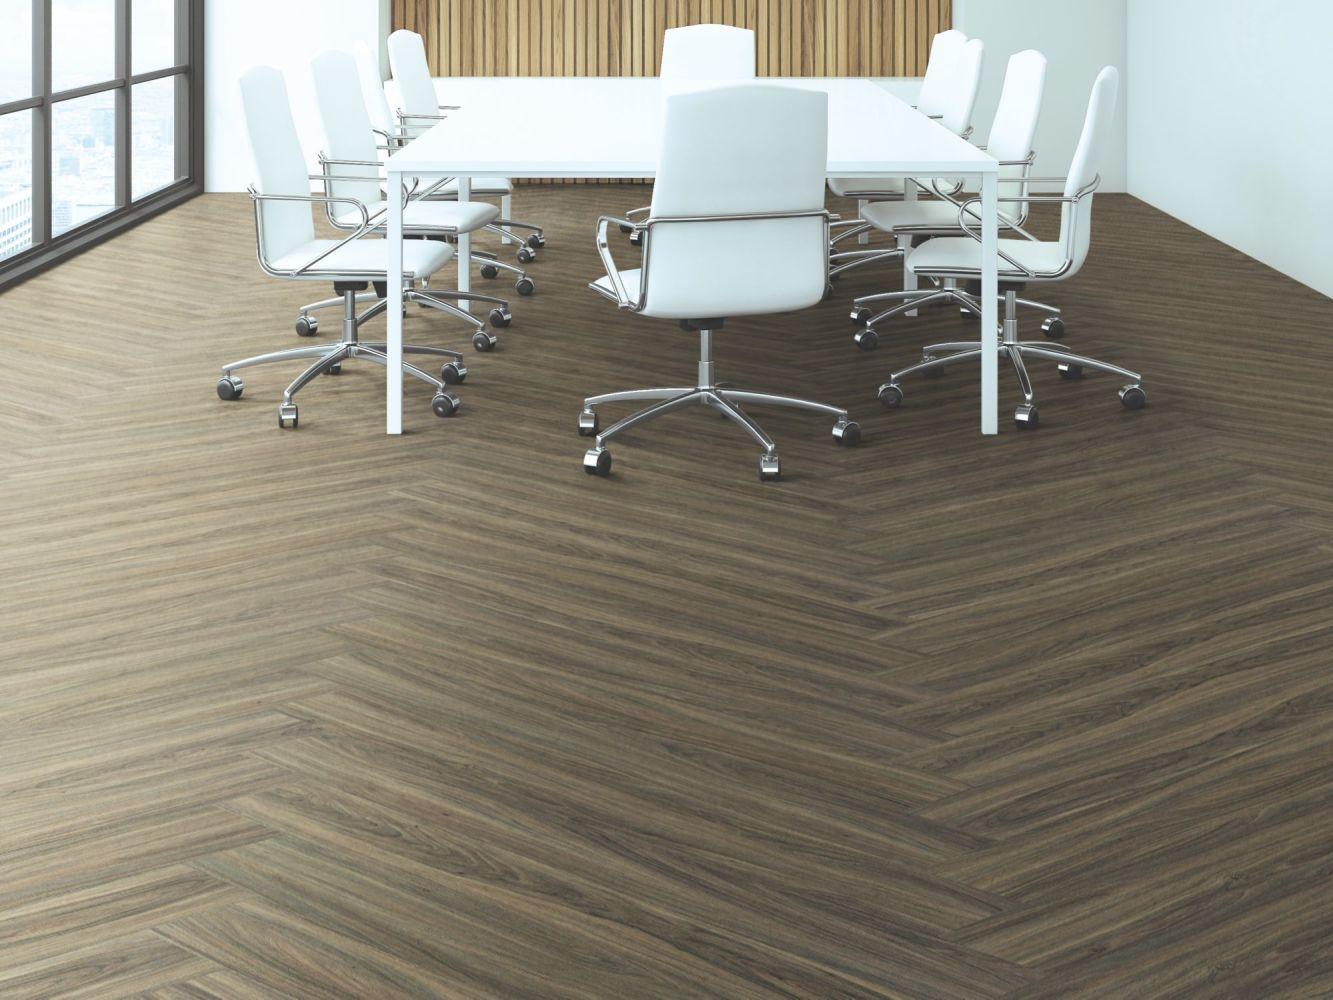 Philadelphia Commercial Resilient Commercial Fortitude Cinnamon Wlanut 00150_5601V